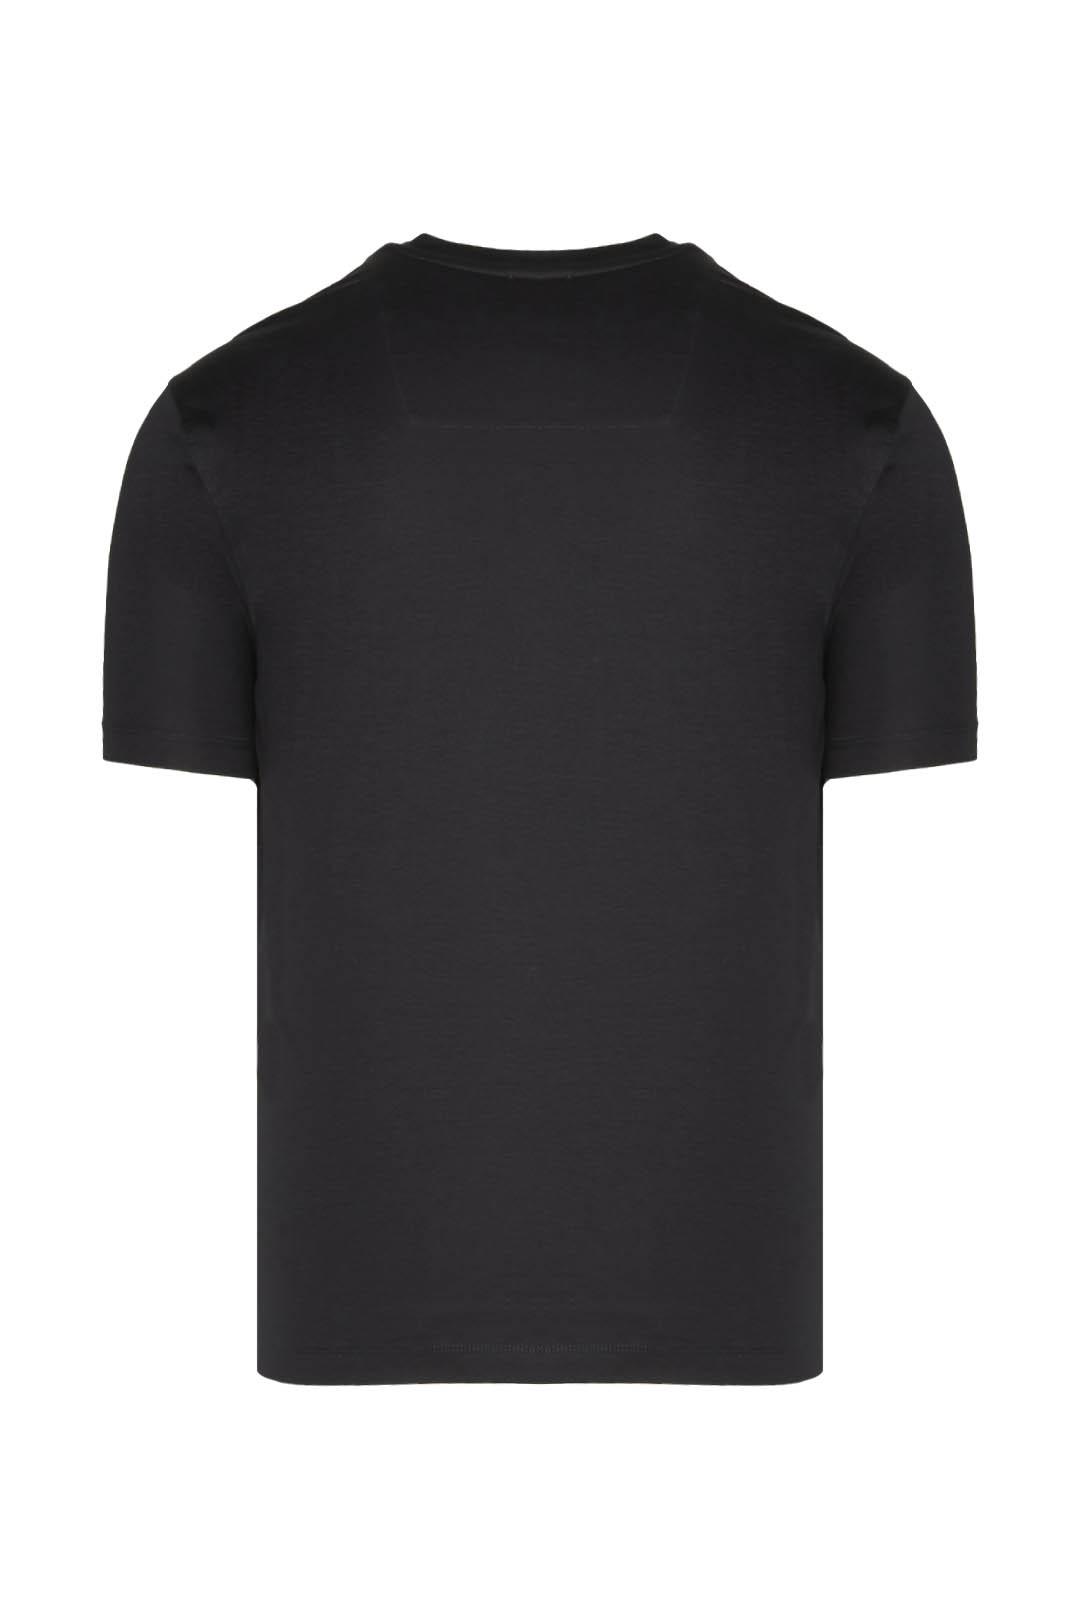 T-Shirt mit trikolorem Adler             2